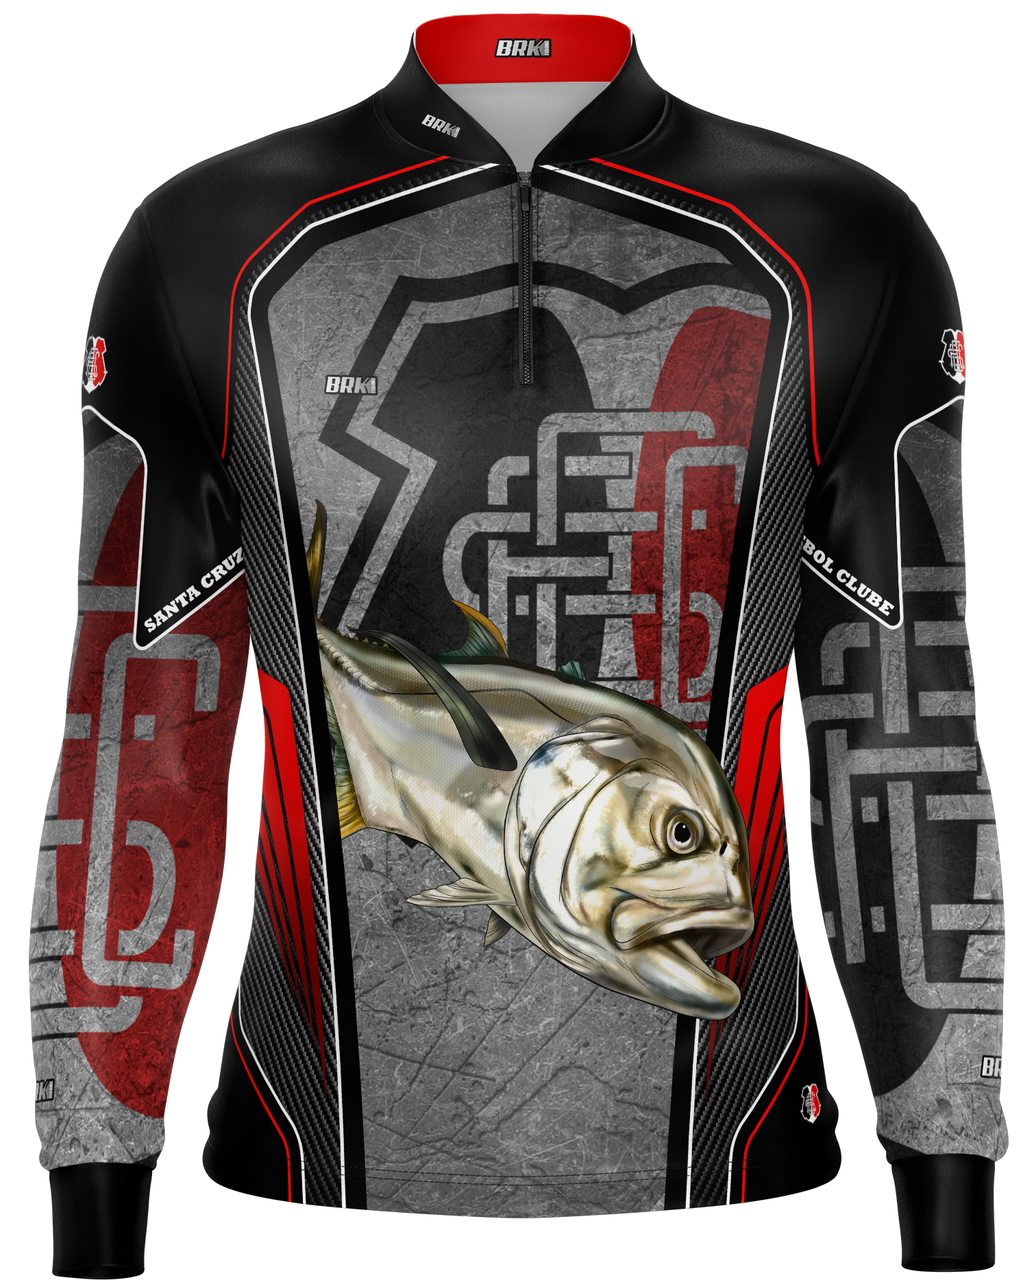 Camisa de Pesca Brk Xaréu Futebol 34 com fpu 50+